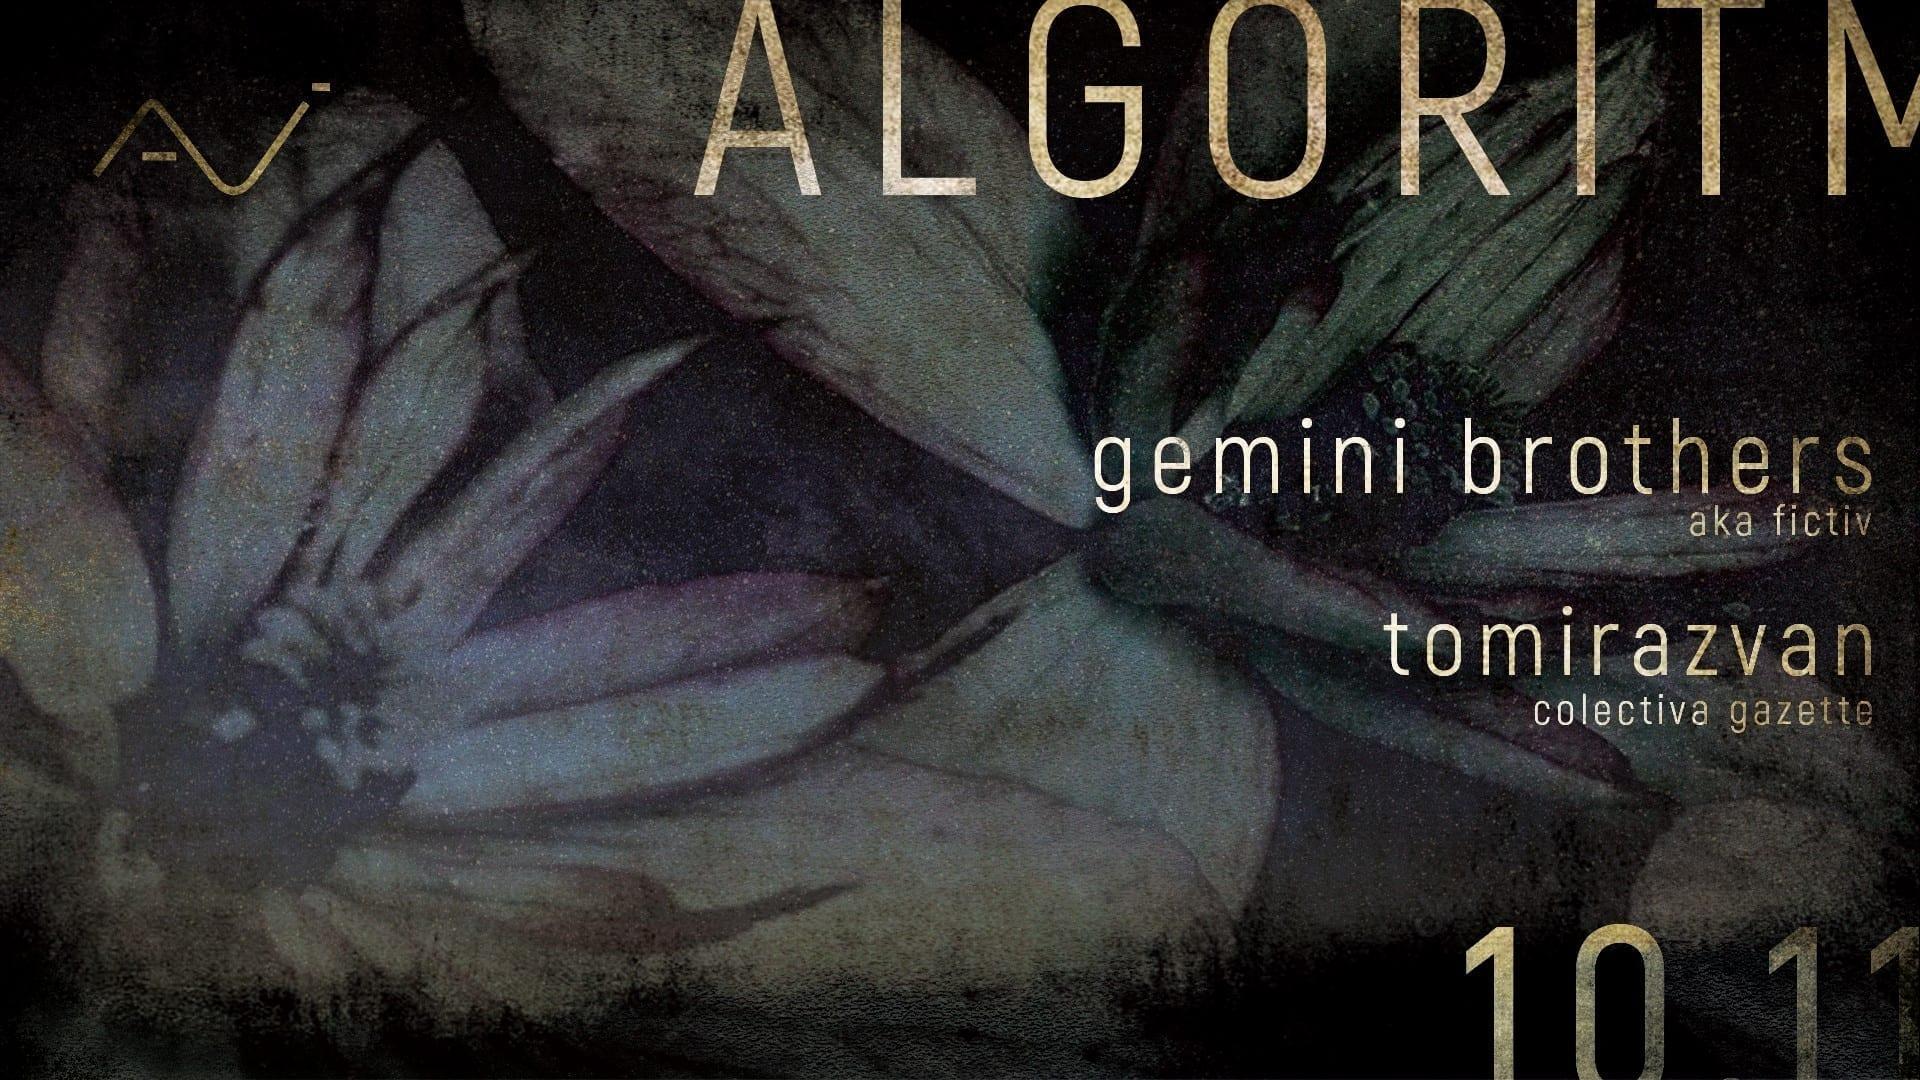 Algoritm x AVI w/ Gemini Brothers & Tomirazvan